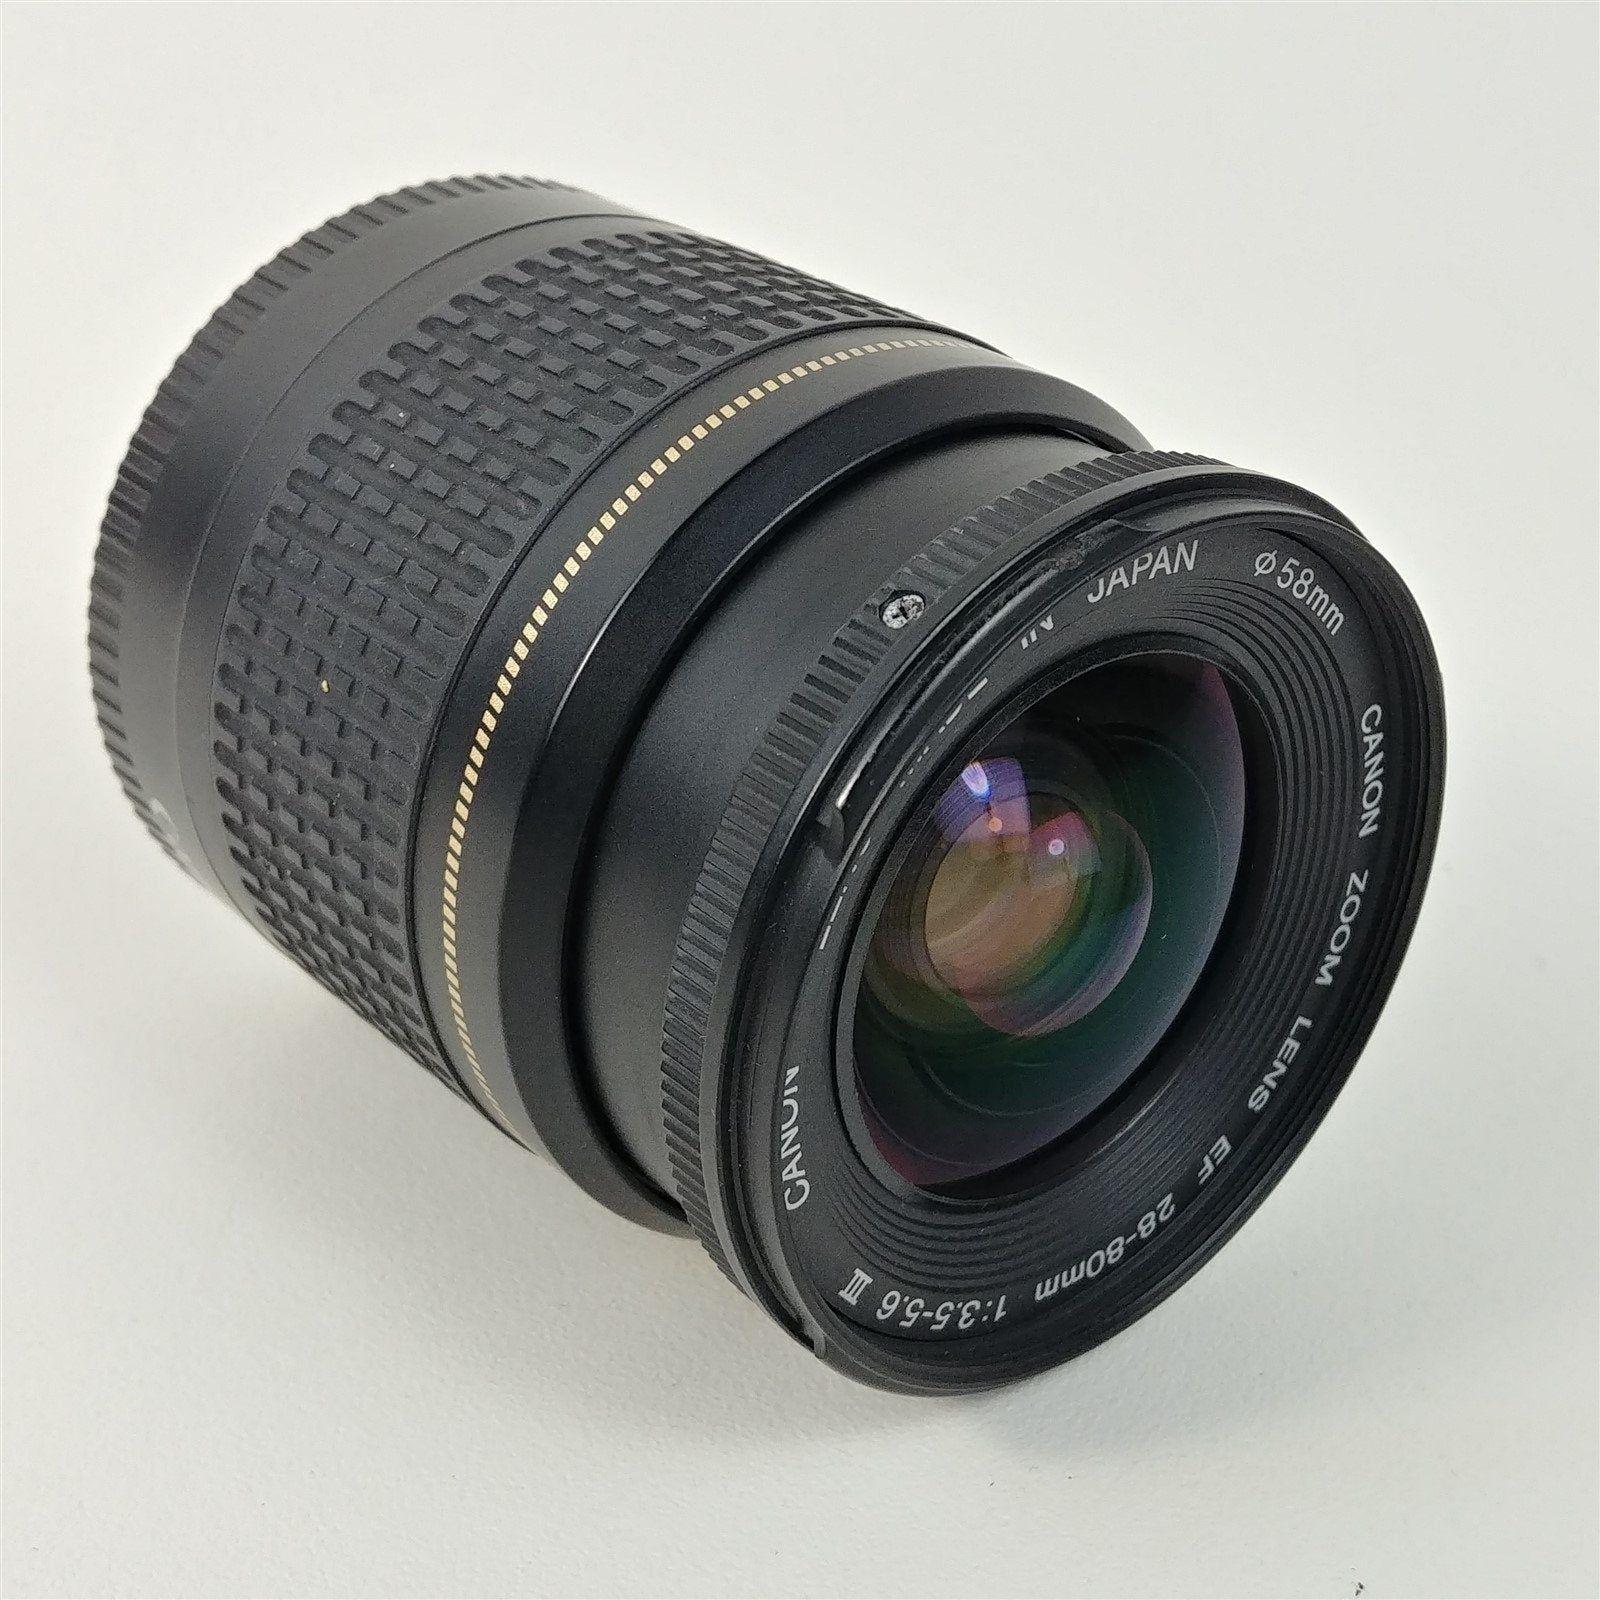 Canon Zoom Lens Ef 28 80mm 1 3 5 5 6 V Ultrasonic In 2020 Canon Zoom Canon Zoom Lens Zoom Lens